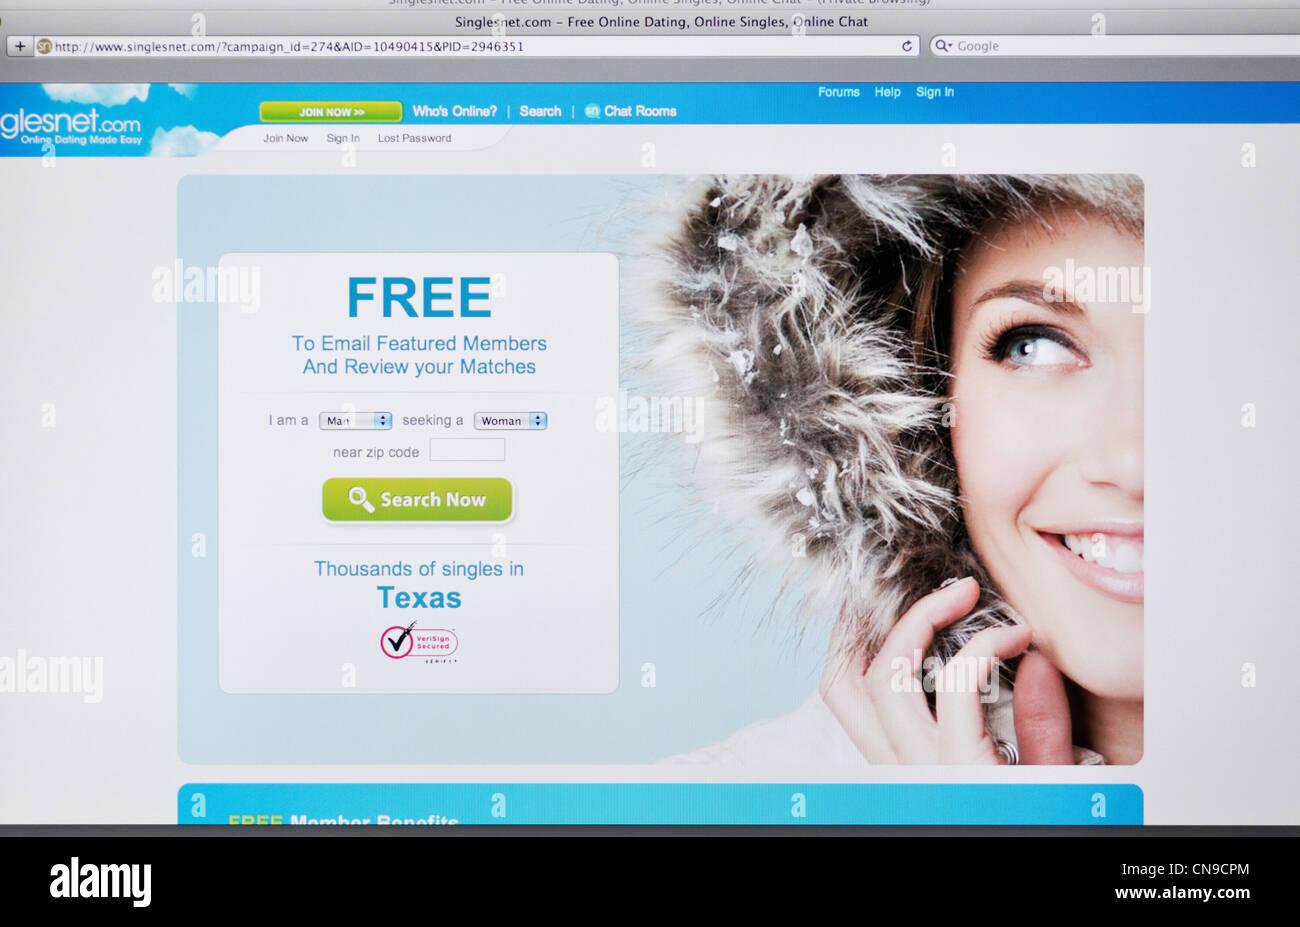 sites de rencontres gratuits singlesnet datant dans le même cercle social